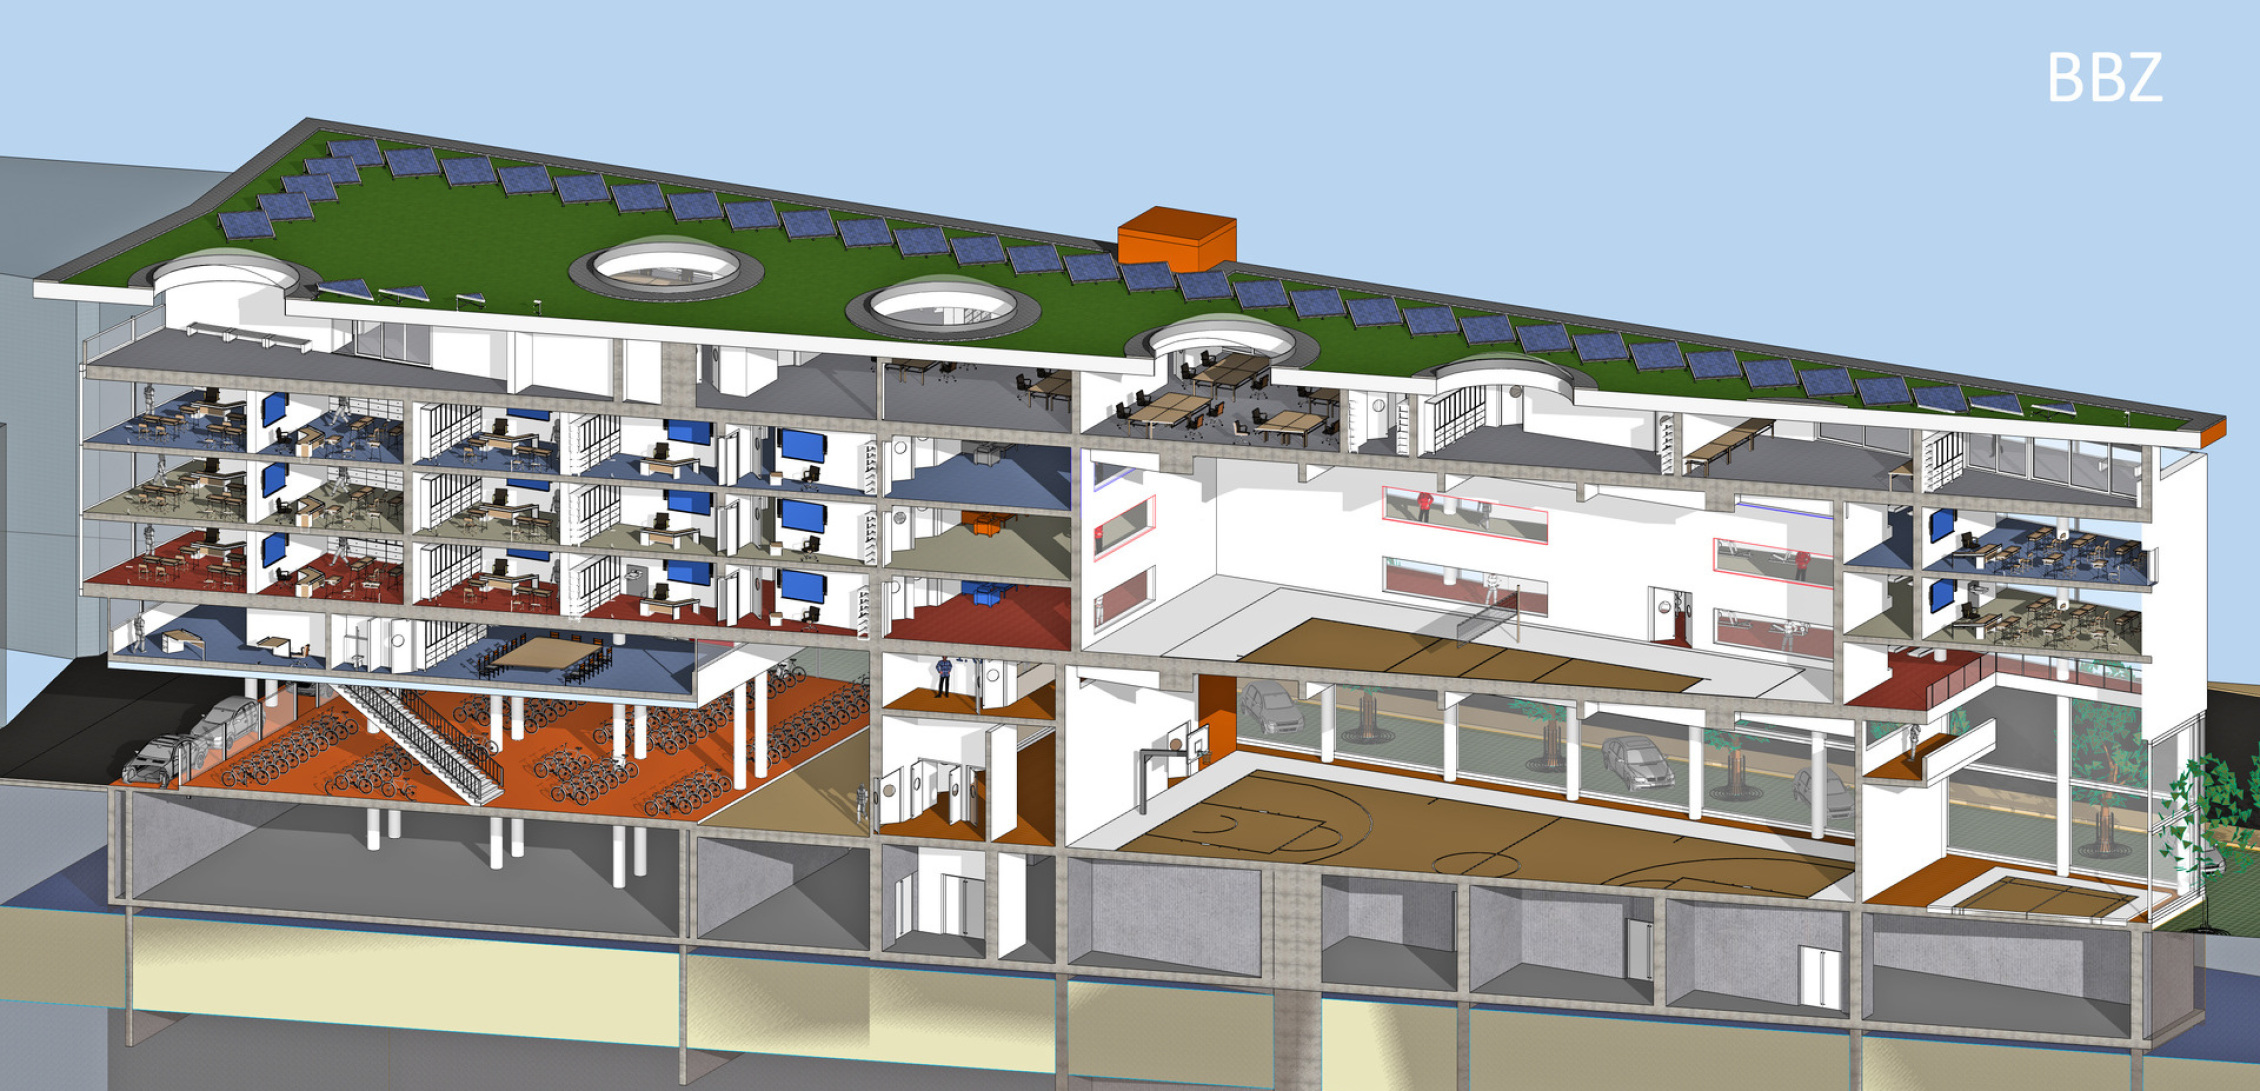 Querschnitt_Vorderseite_BBZ_Architektur_Wettbewerb